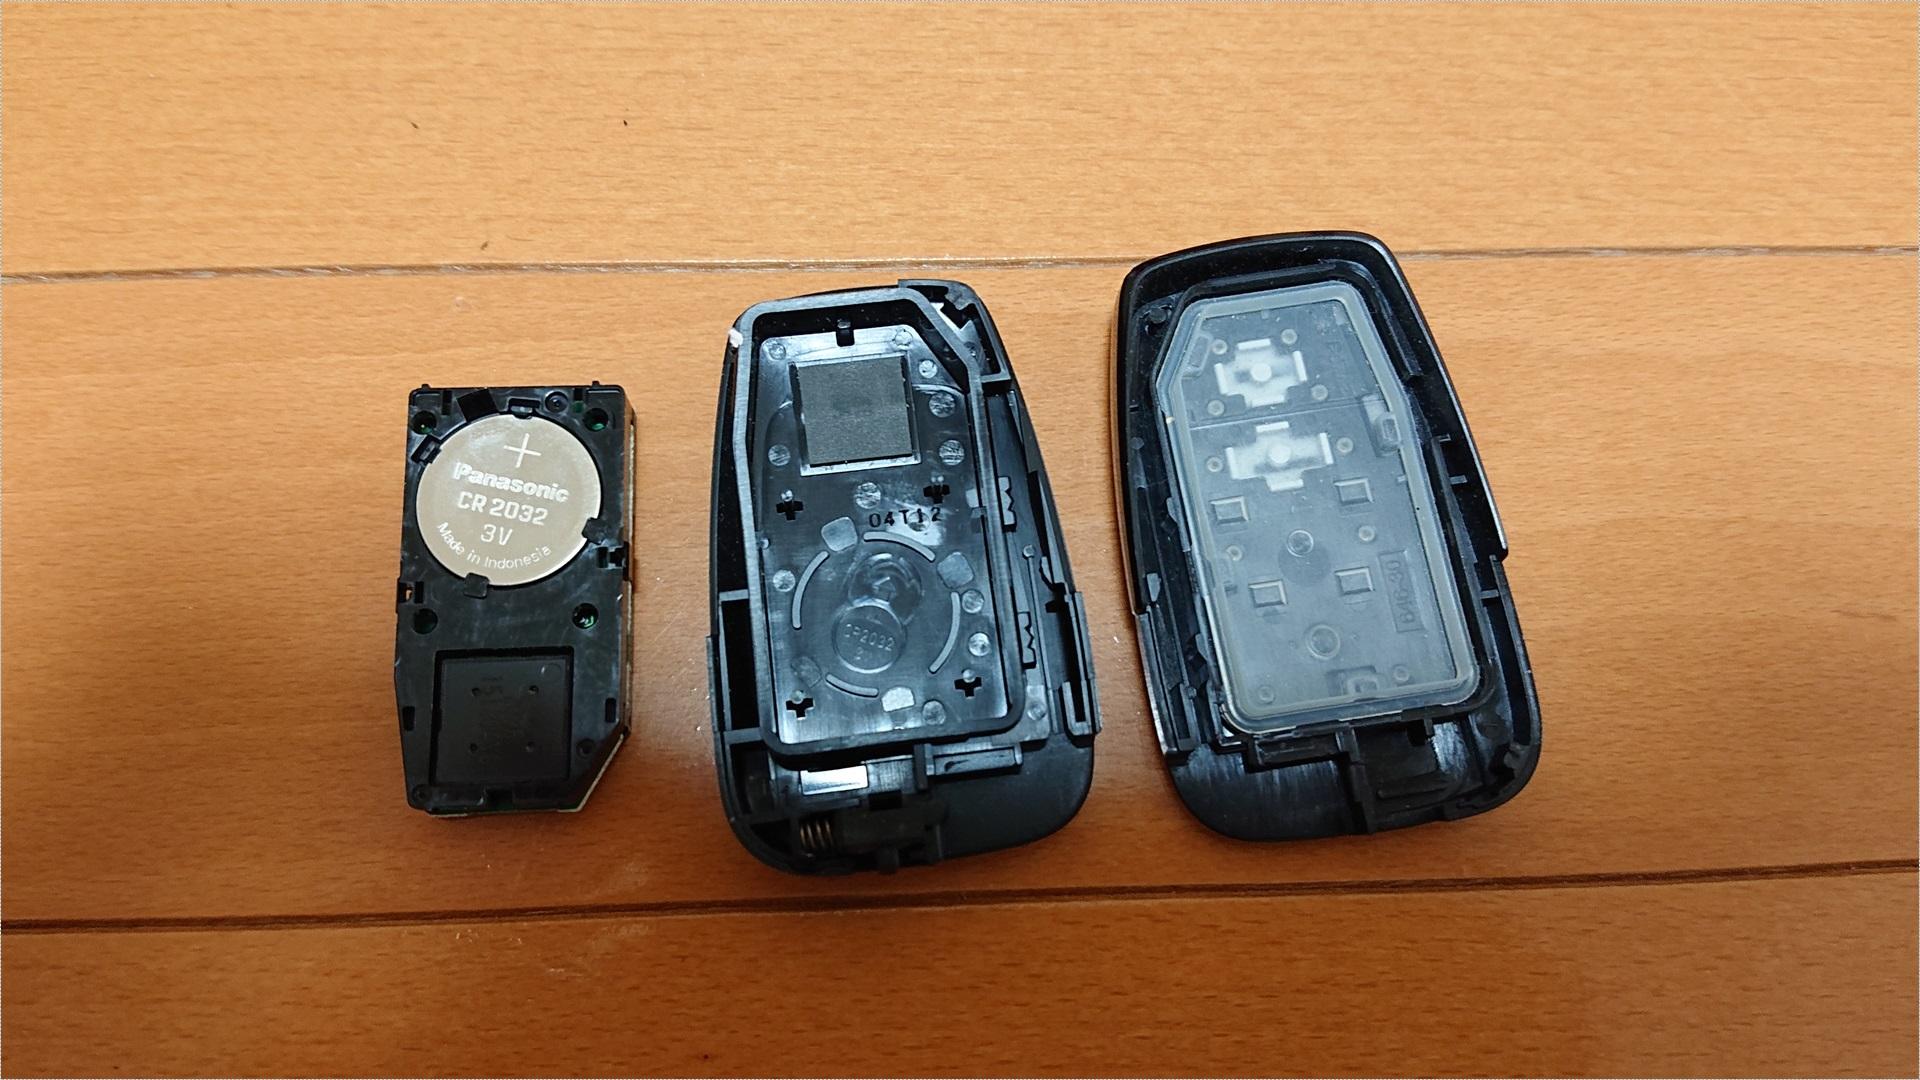 こちらがキーを開いた状態です。電池は「CR2032」でした。電池はガッチリホールドされているので、マイナスドライバーなどの硬い物でテコの原理を利用して取り出します。ちなみに爪楊枝では取れませんでした。